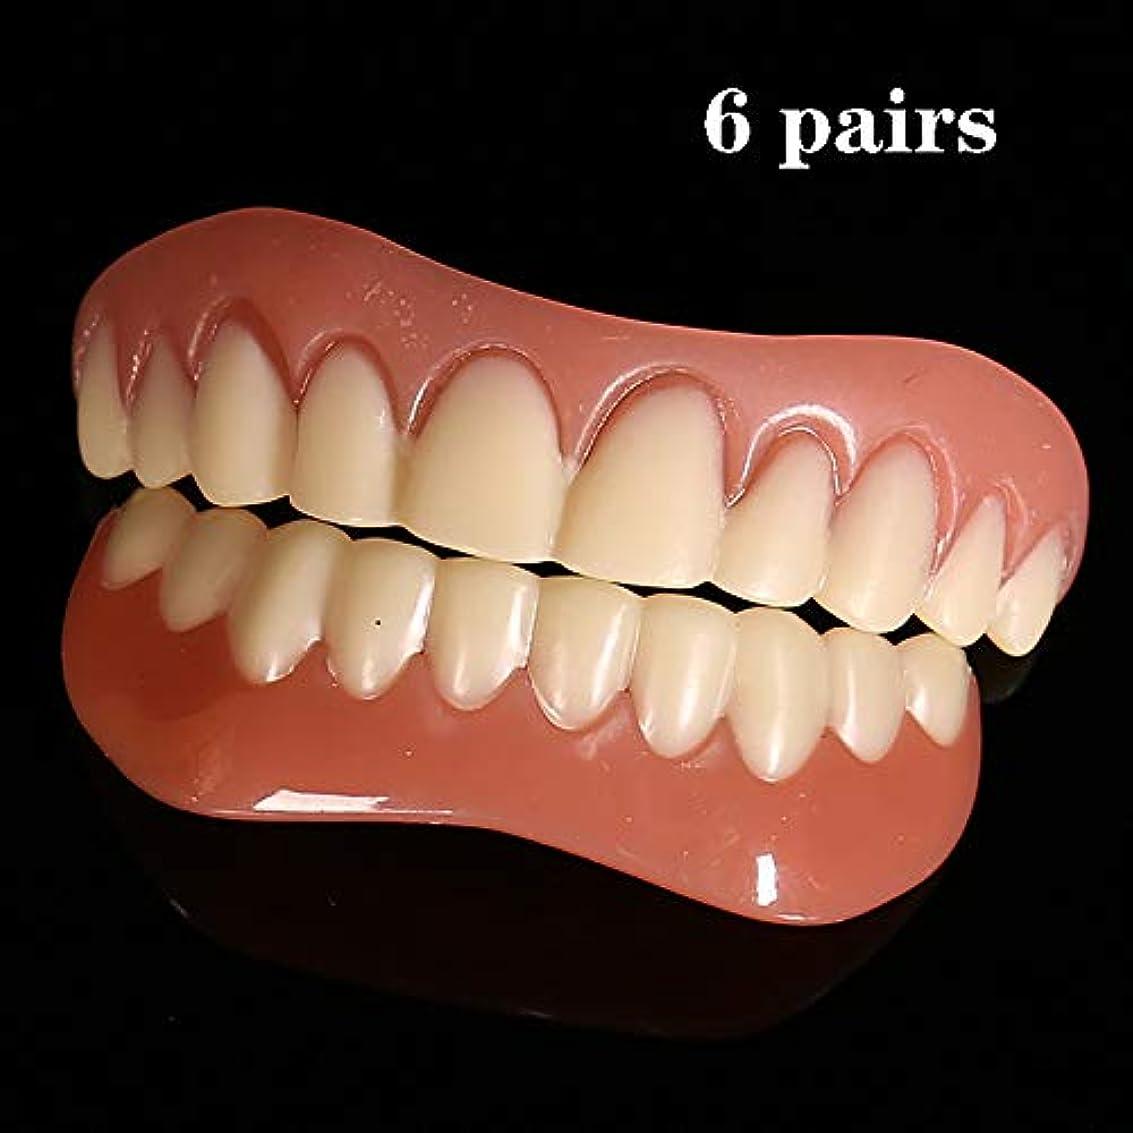 唯物論天才明快歯突き板化粧品歯スナップオンセキュア6ペア上下の快適さフィット歯突き板安全インスタントスマイル化粧品ワンサイズ